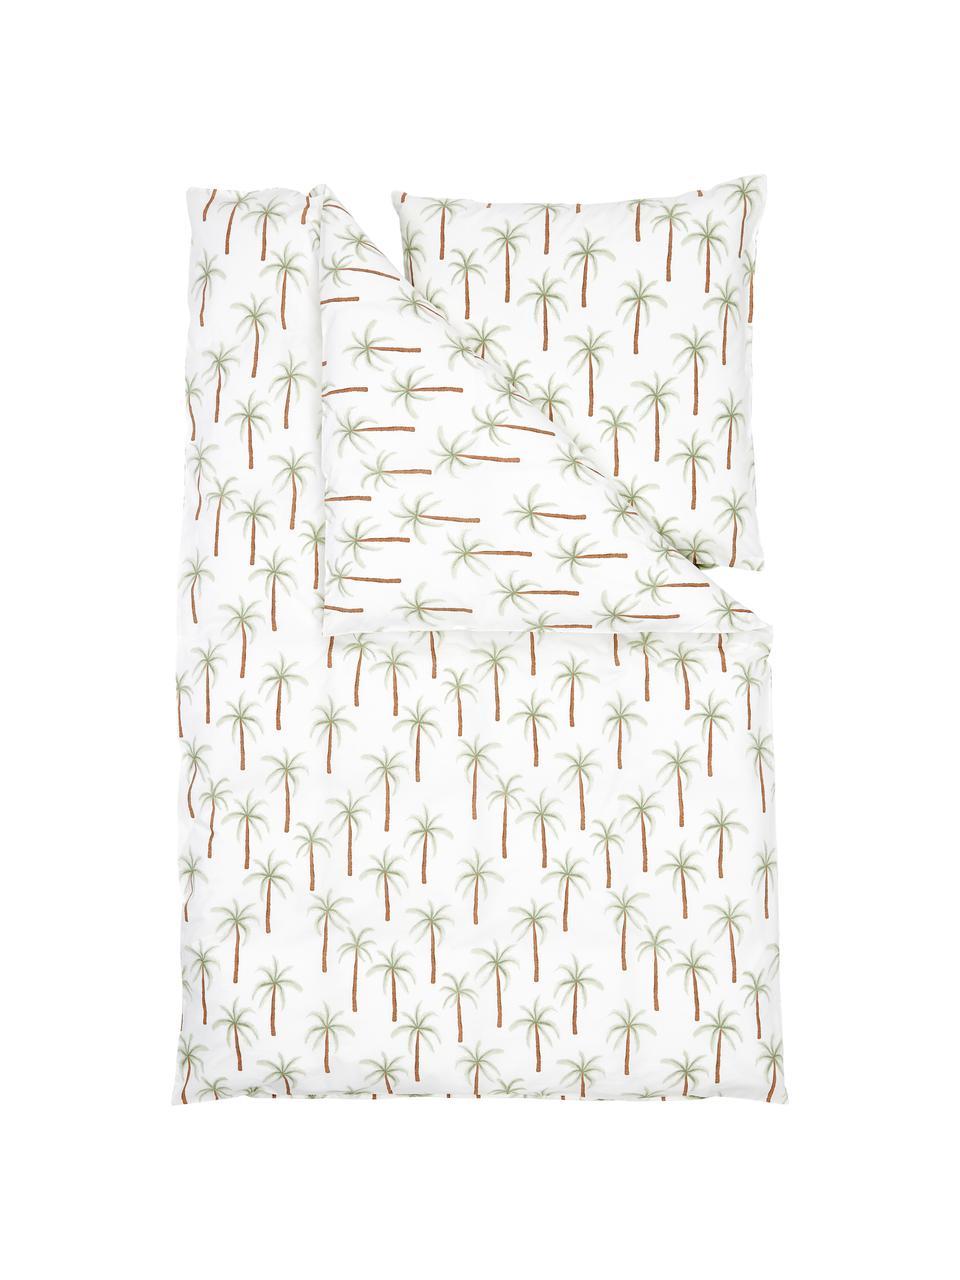 Pościel z organicznego perkalu Martha, Biały, zielony, brązowy, 200 x 200 cm + 2 poduszka 80 x 80 cm